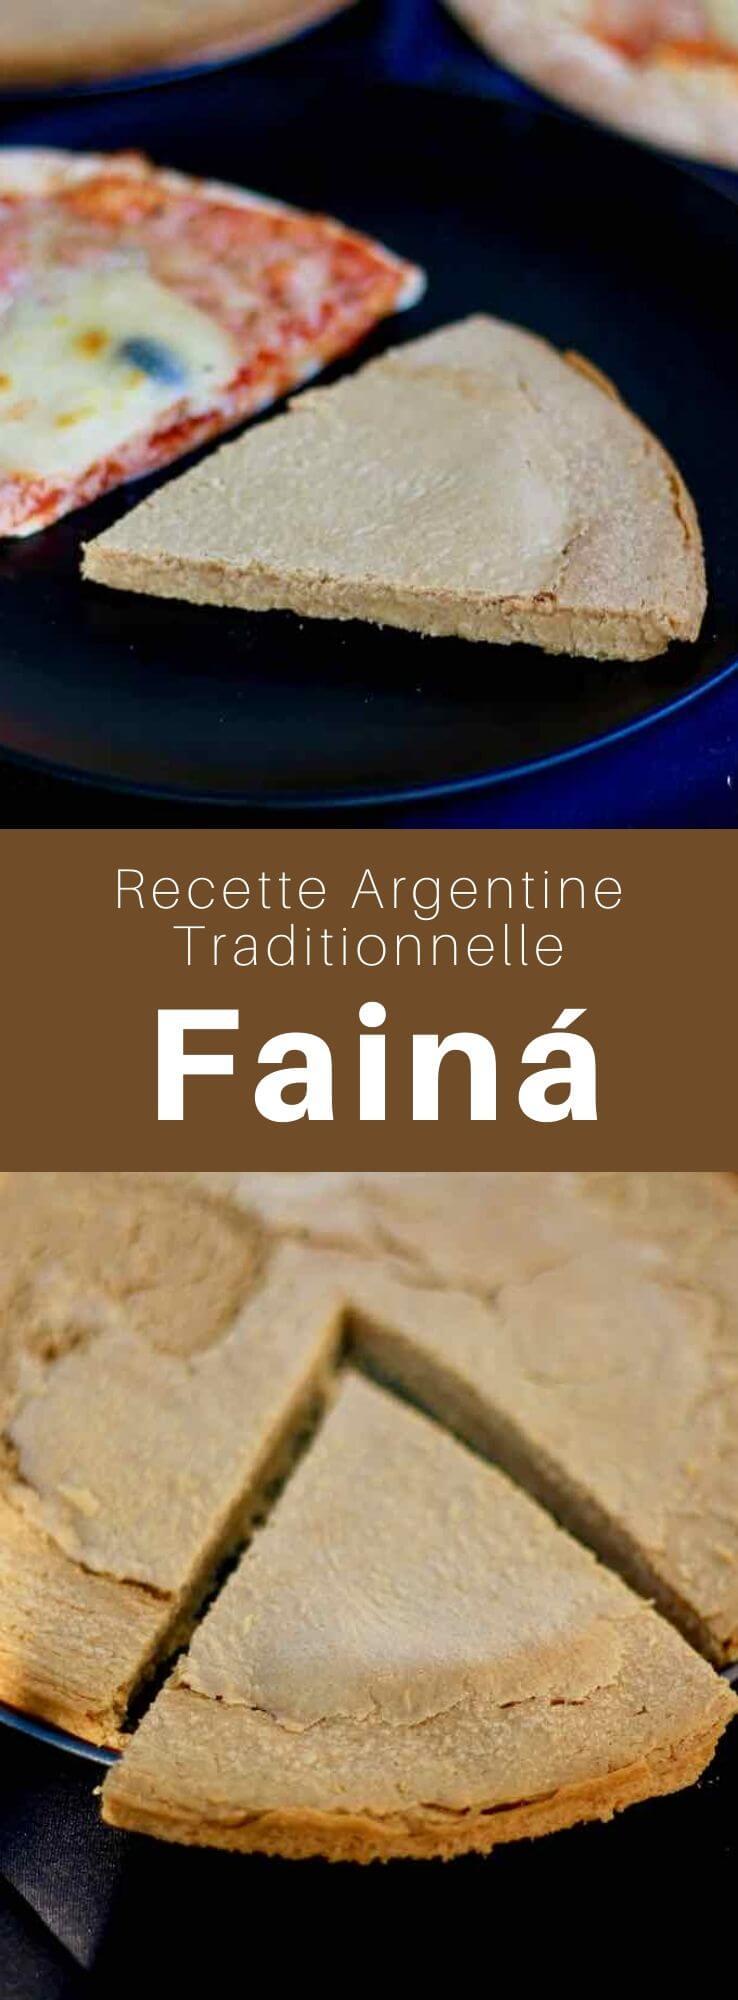 La fainá est une galette de farine de pois-chiches populaire en Argentine et en Uruguay héritée de la farinata italienne, similaire à la socca niçoise. #Argentine #RecetteArgentine #CuisineArgentine #CuisineDuMonde #196flavors